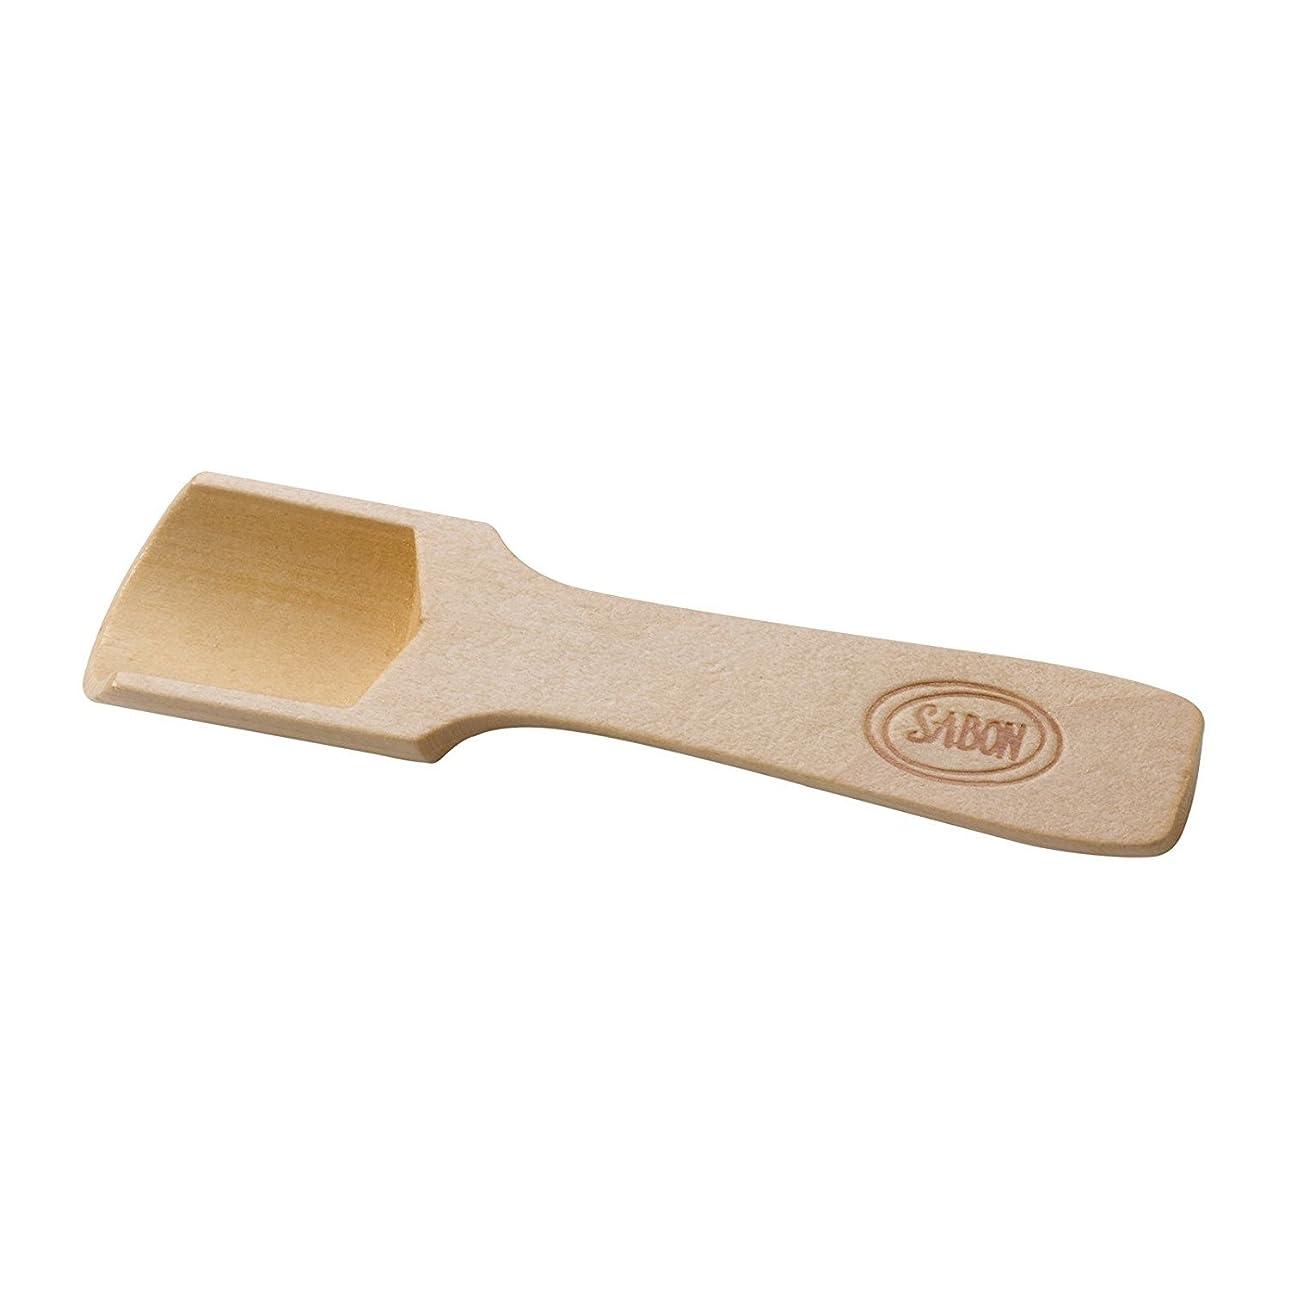 サイズ解くカフェテリア【SABON(サボン)】Wooden Scoop ウッド スクープ